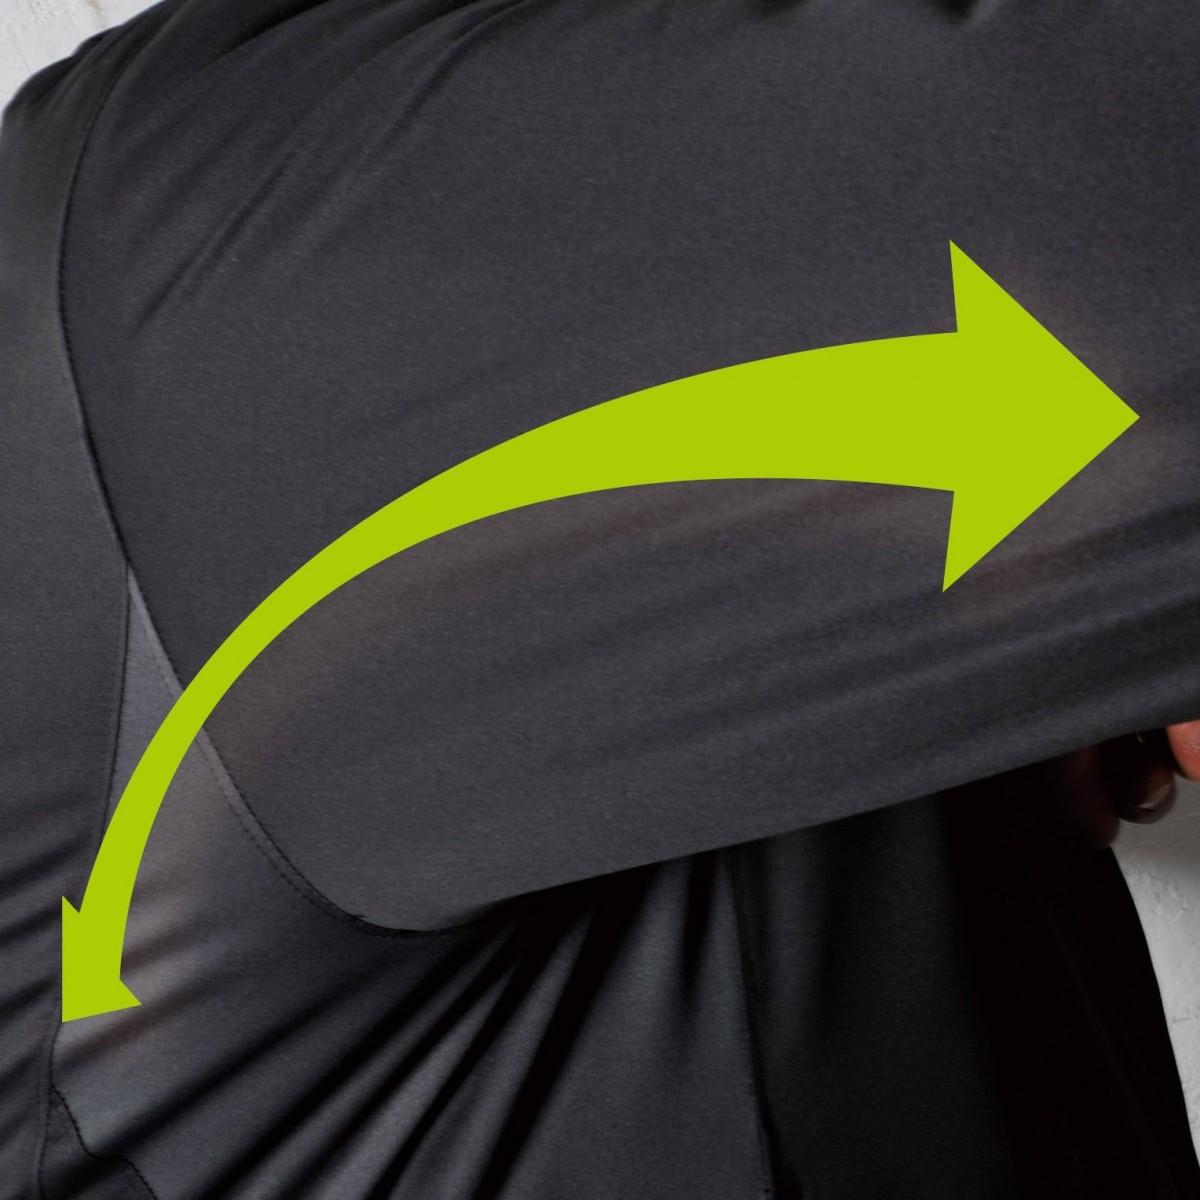 TS DESIGN  6626 防風ストレッチライトウォームジャケット 驚異のストレッチ性で、動き楽々です。